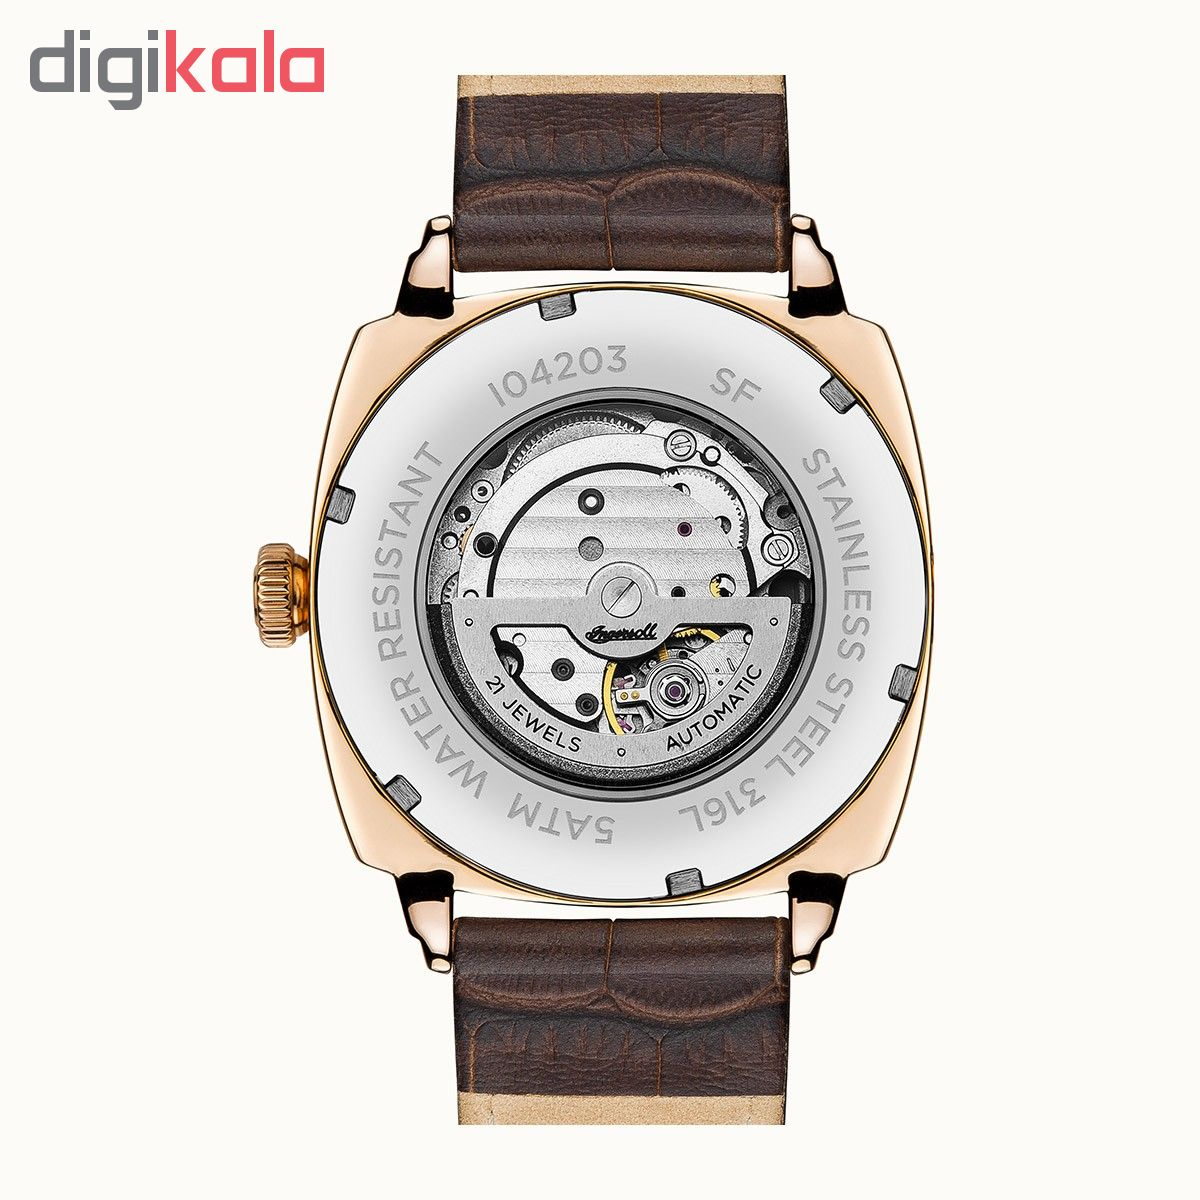 ساعت مچی عقربه ای مردانه اینگرسل مدل I04203